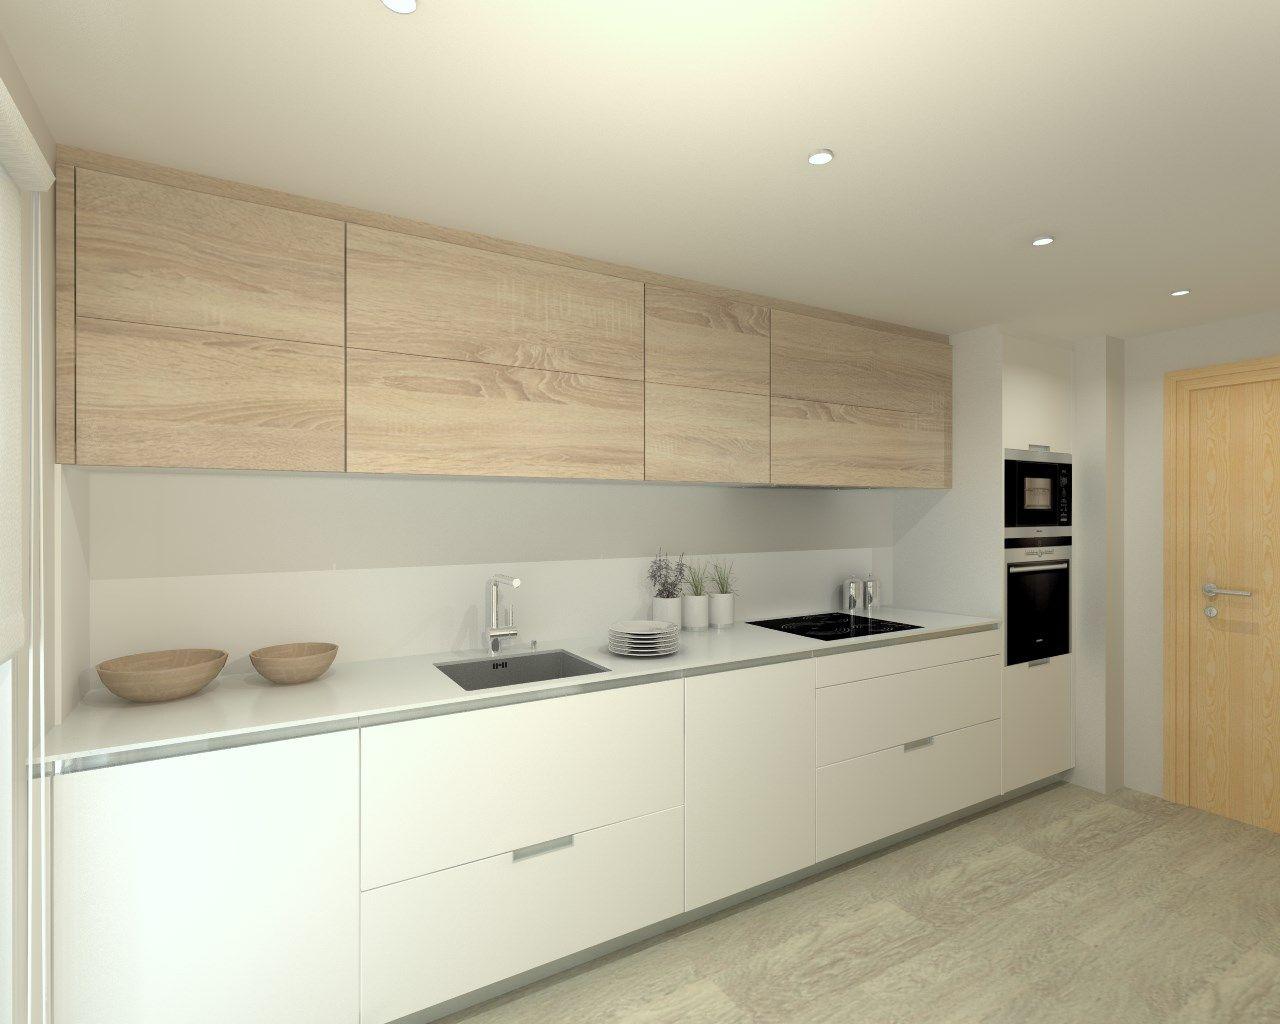 Proyectos de cocina en madrid cocina pinterest for Cocinas modernas